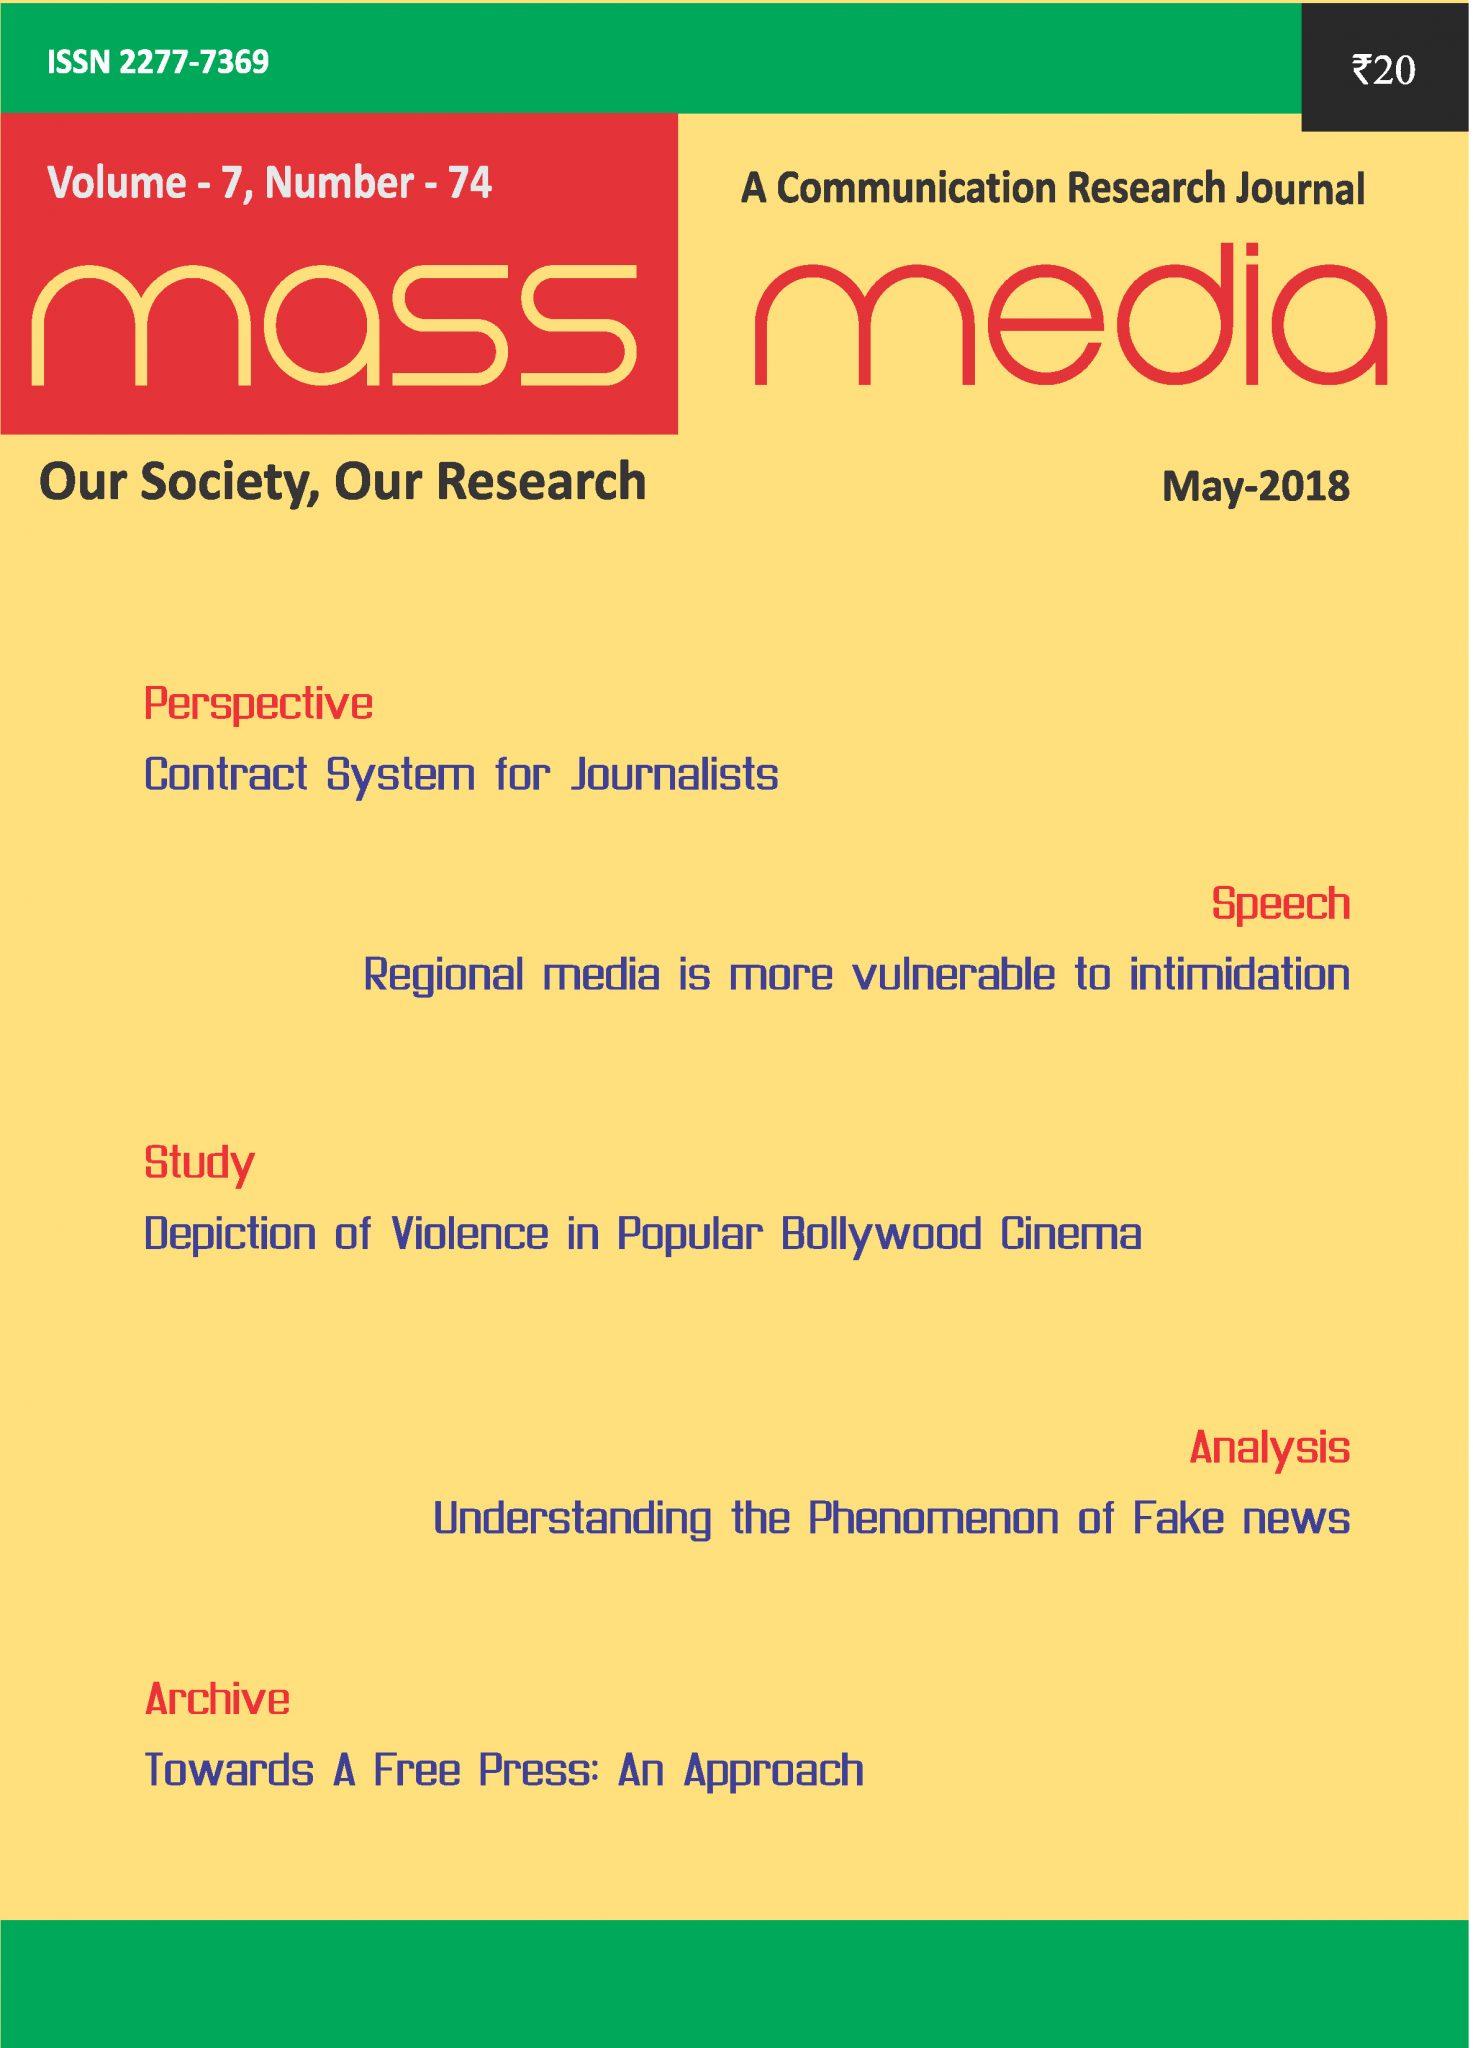 Mass Media (May 2018)